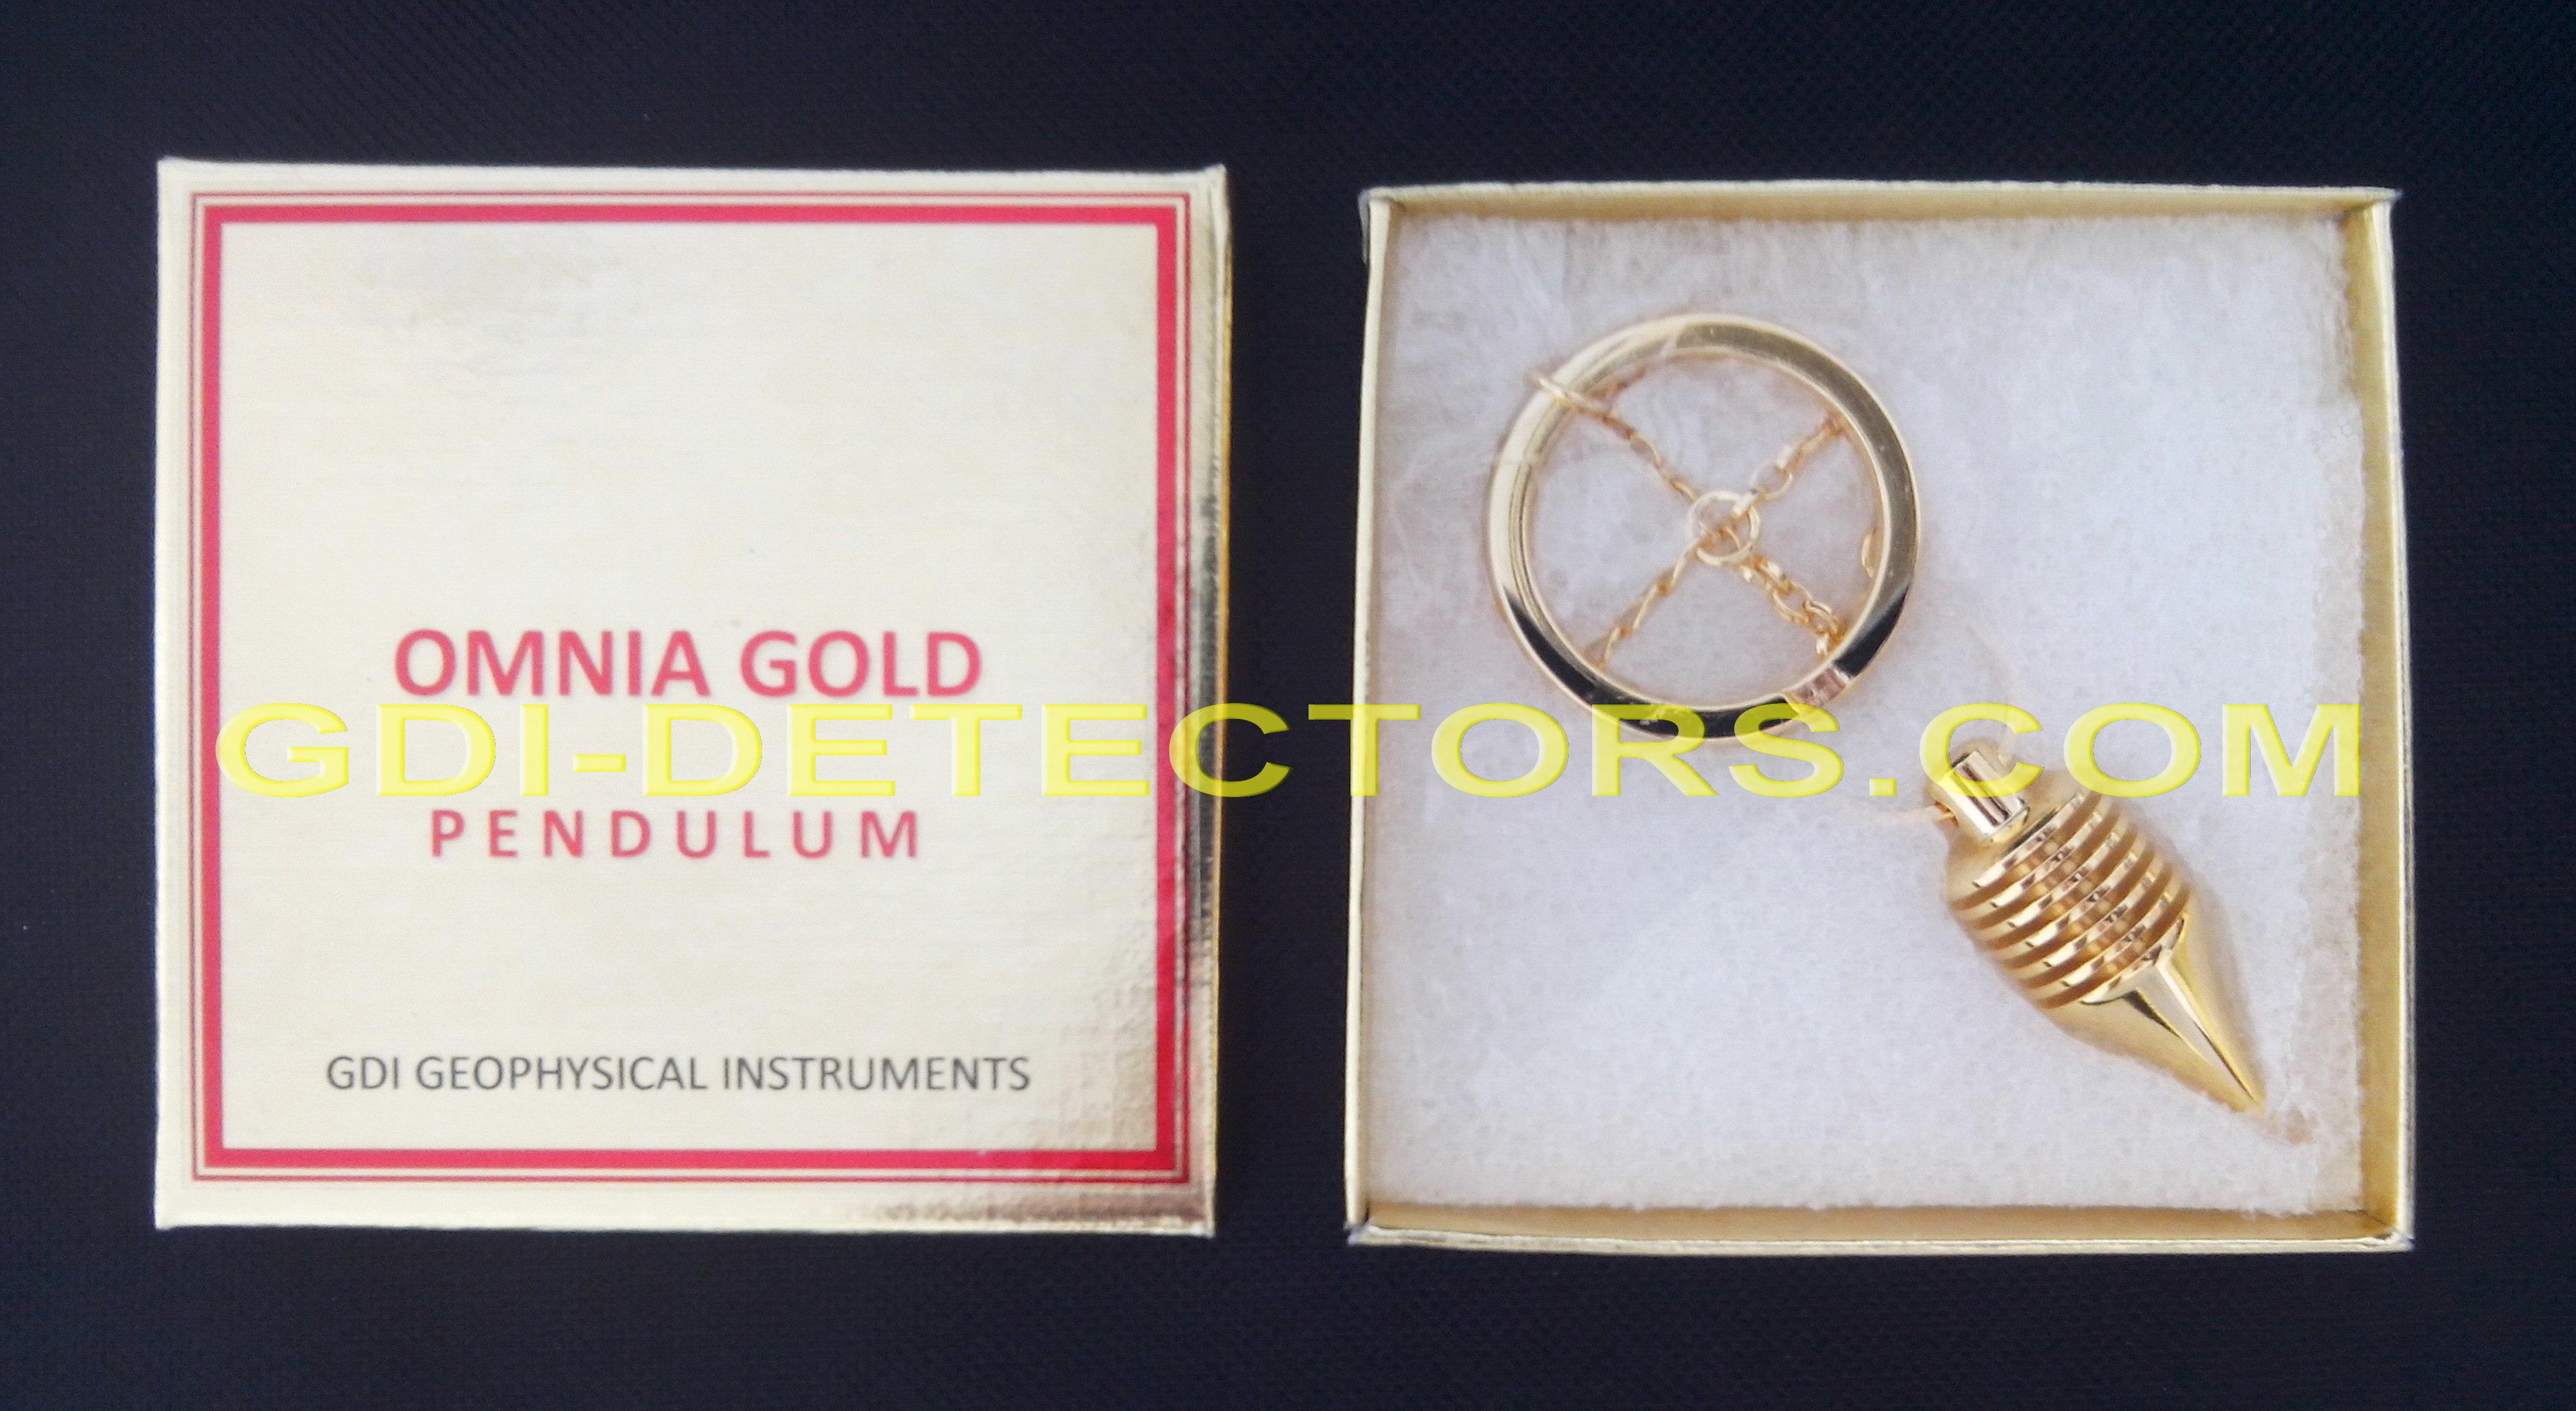 professional OMNIA gold dowsing pendulum